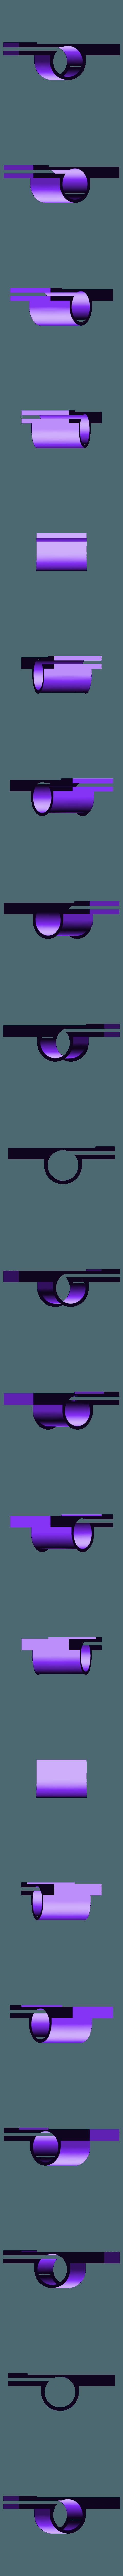 end_switch_bracket.stl Download free STL file FDM Printer de Kleine Reus 300x300x900 • 3D printable object, Job